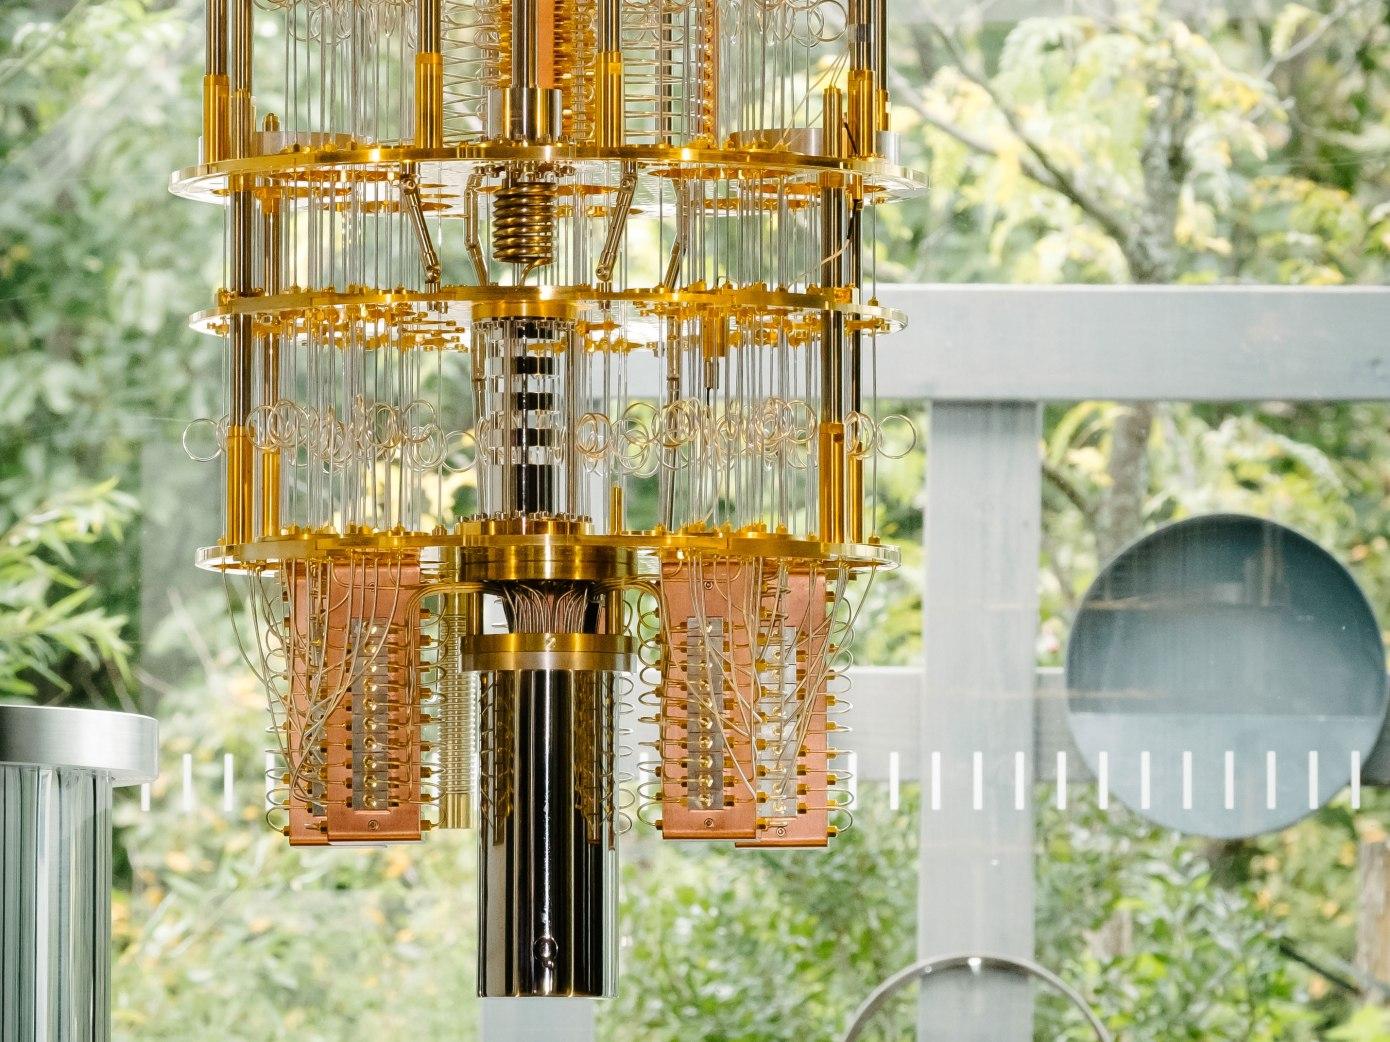 نمونه یک کوانتوم کامپیوتر